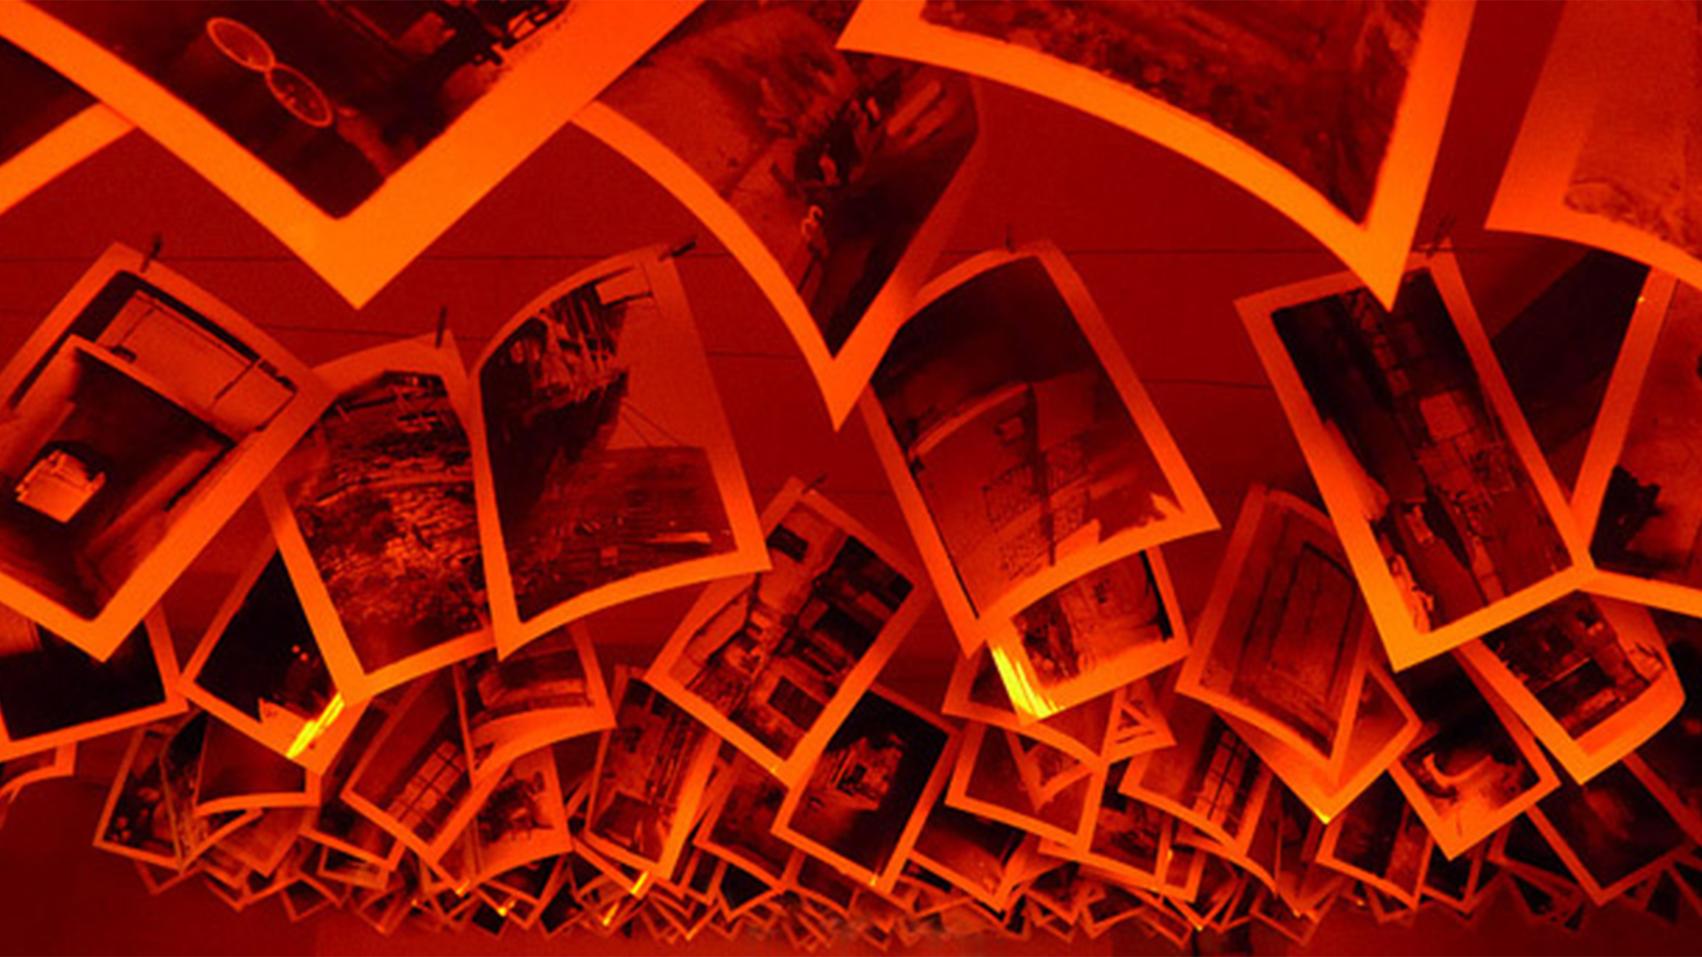 Visionaires - laboratorio sperimentale di fotografia a Bari, Puglia